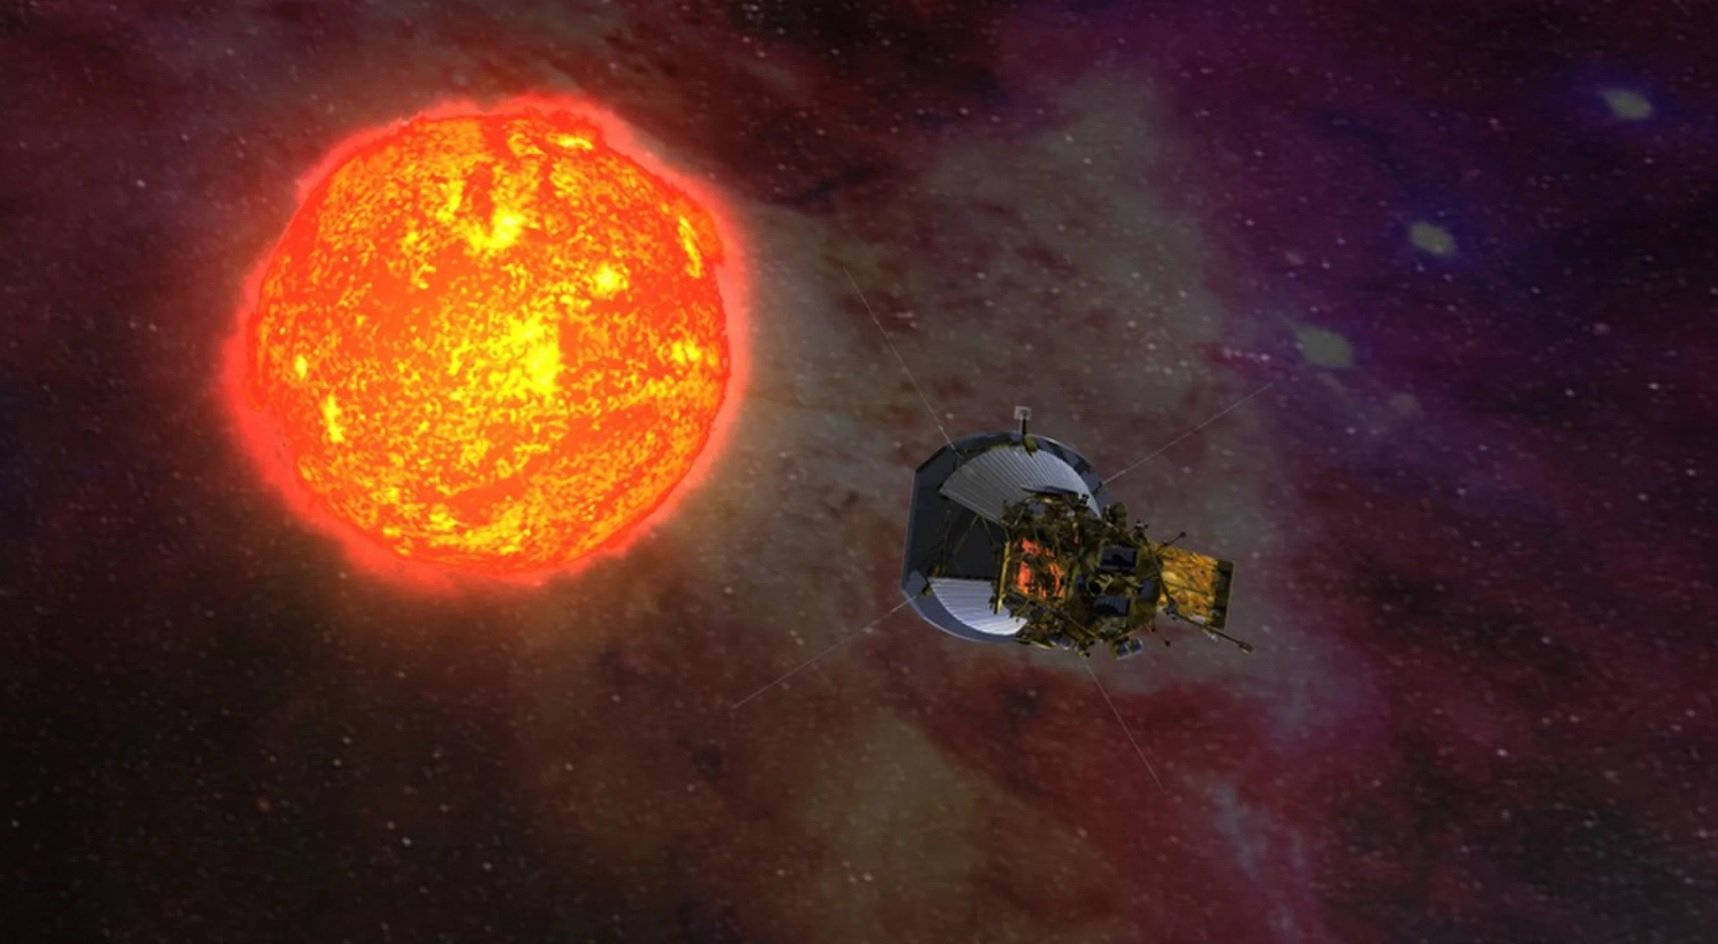 Солнечный зонд Паркер побил несколько рекордов